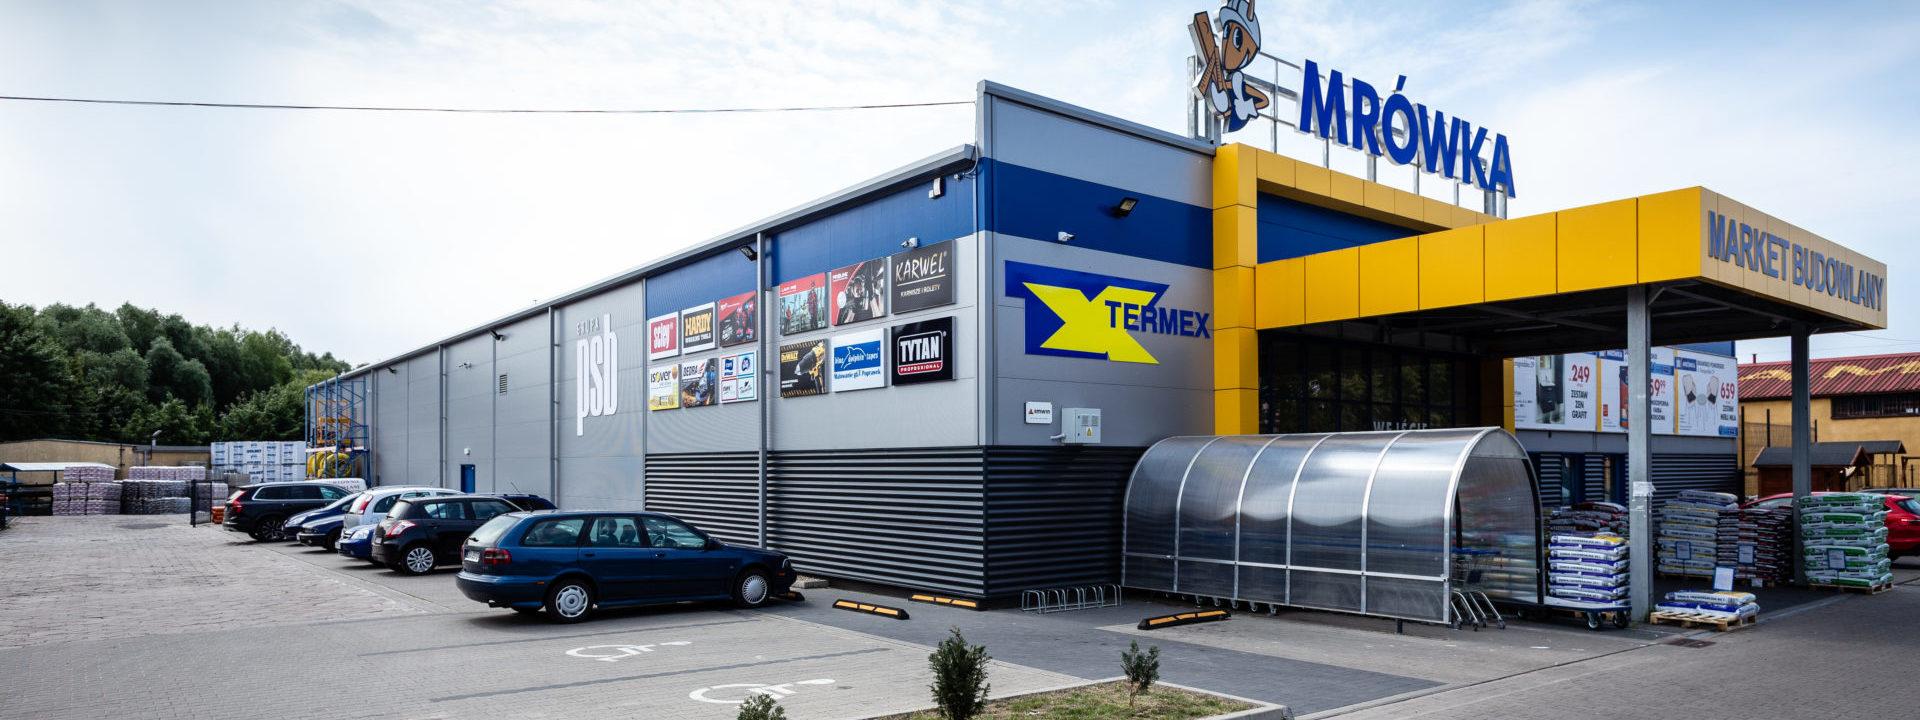 Realizacja 2016 - obiekt handlowy Termex w Drawsku Pomorskim w województwie pomorskim - budynek z zewnątrz